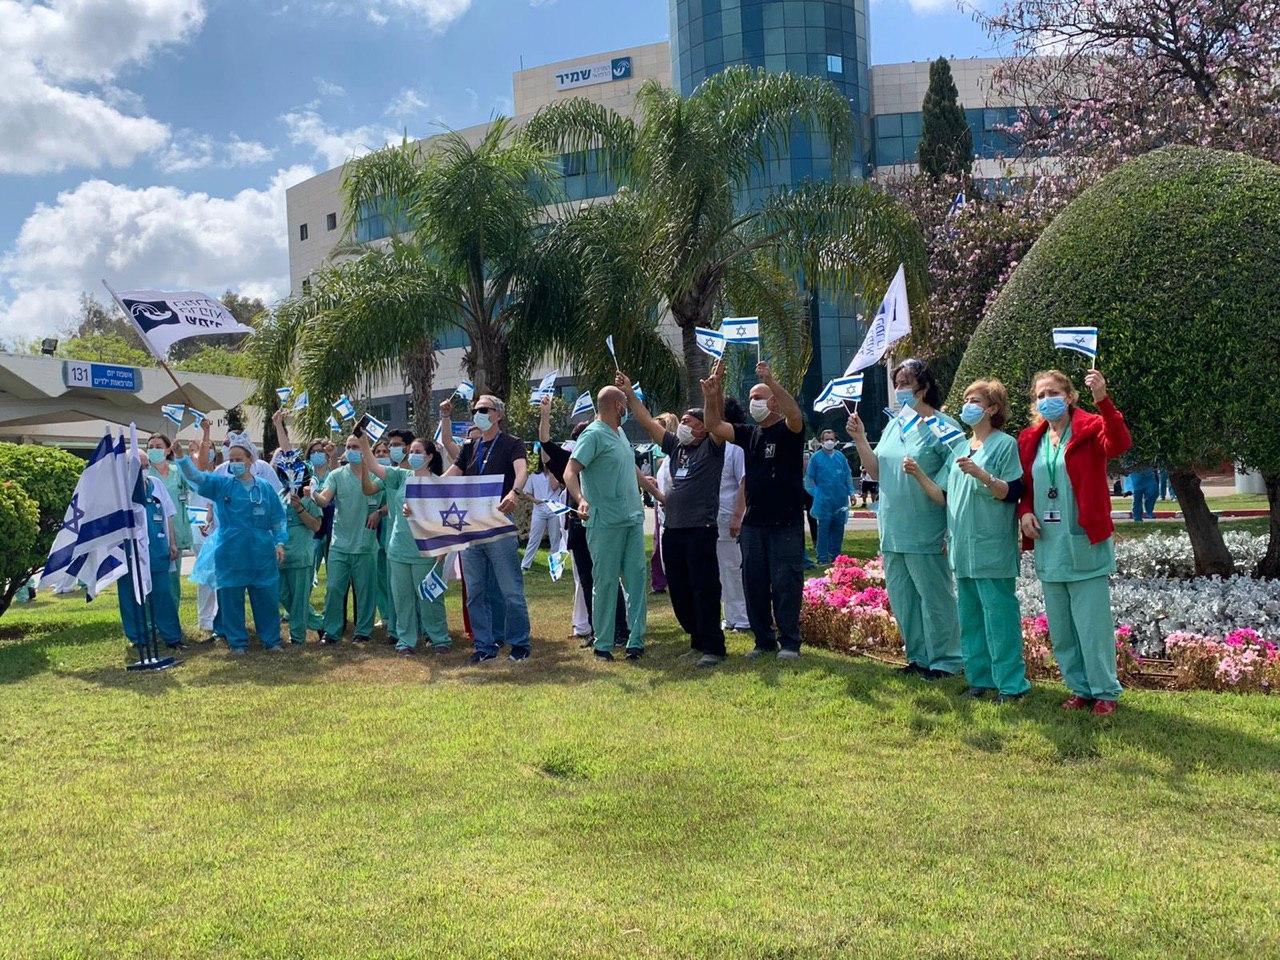 בית החולים אסף הרופא (שמיר) (צילום: דוברות משרד הבריאות)